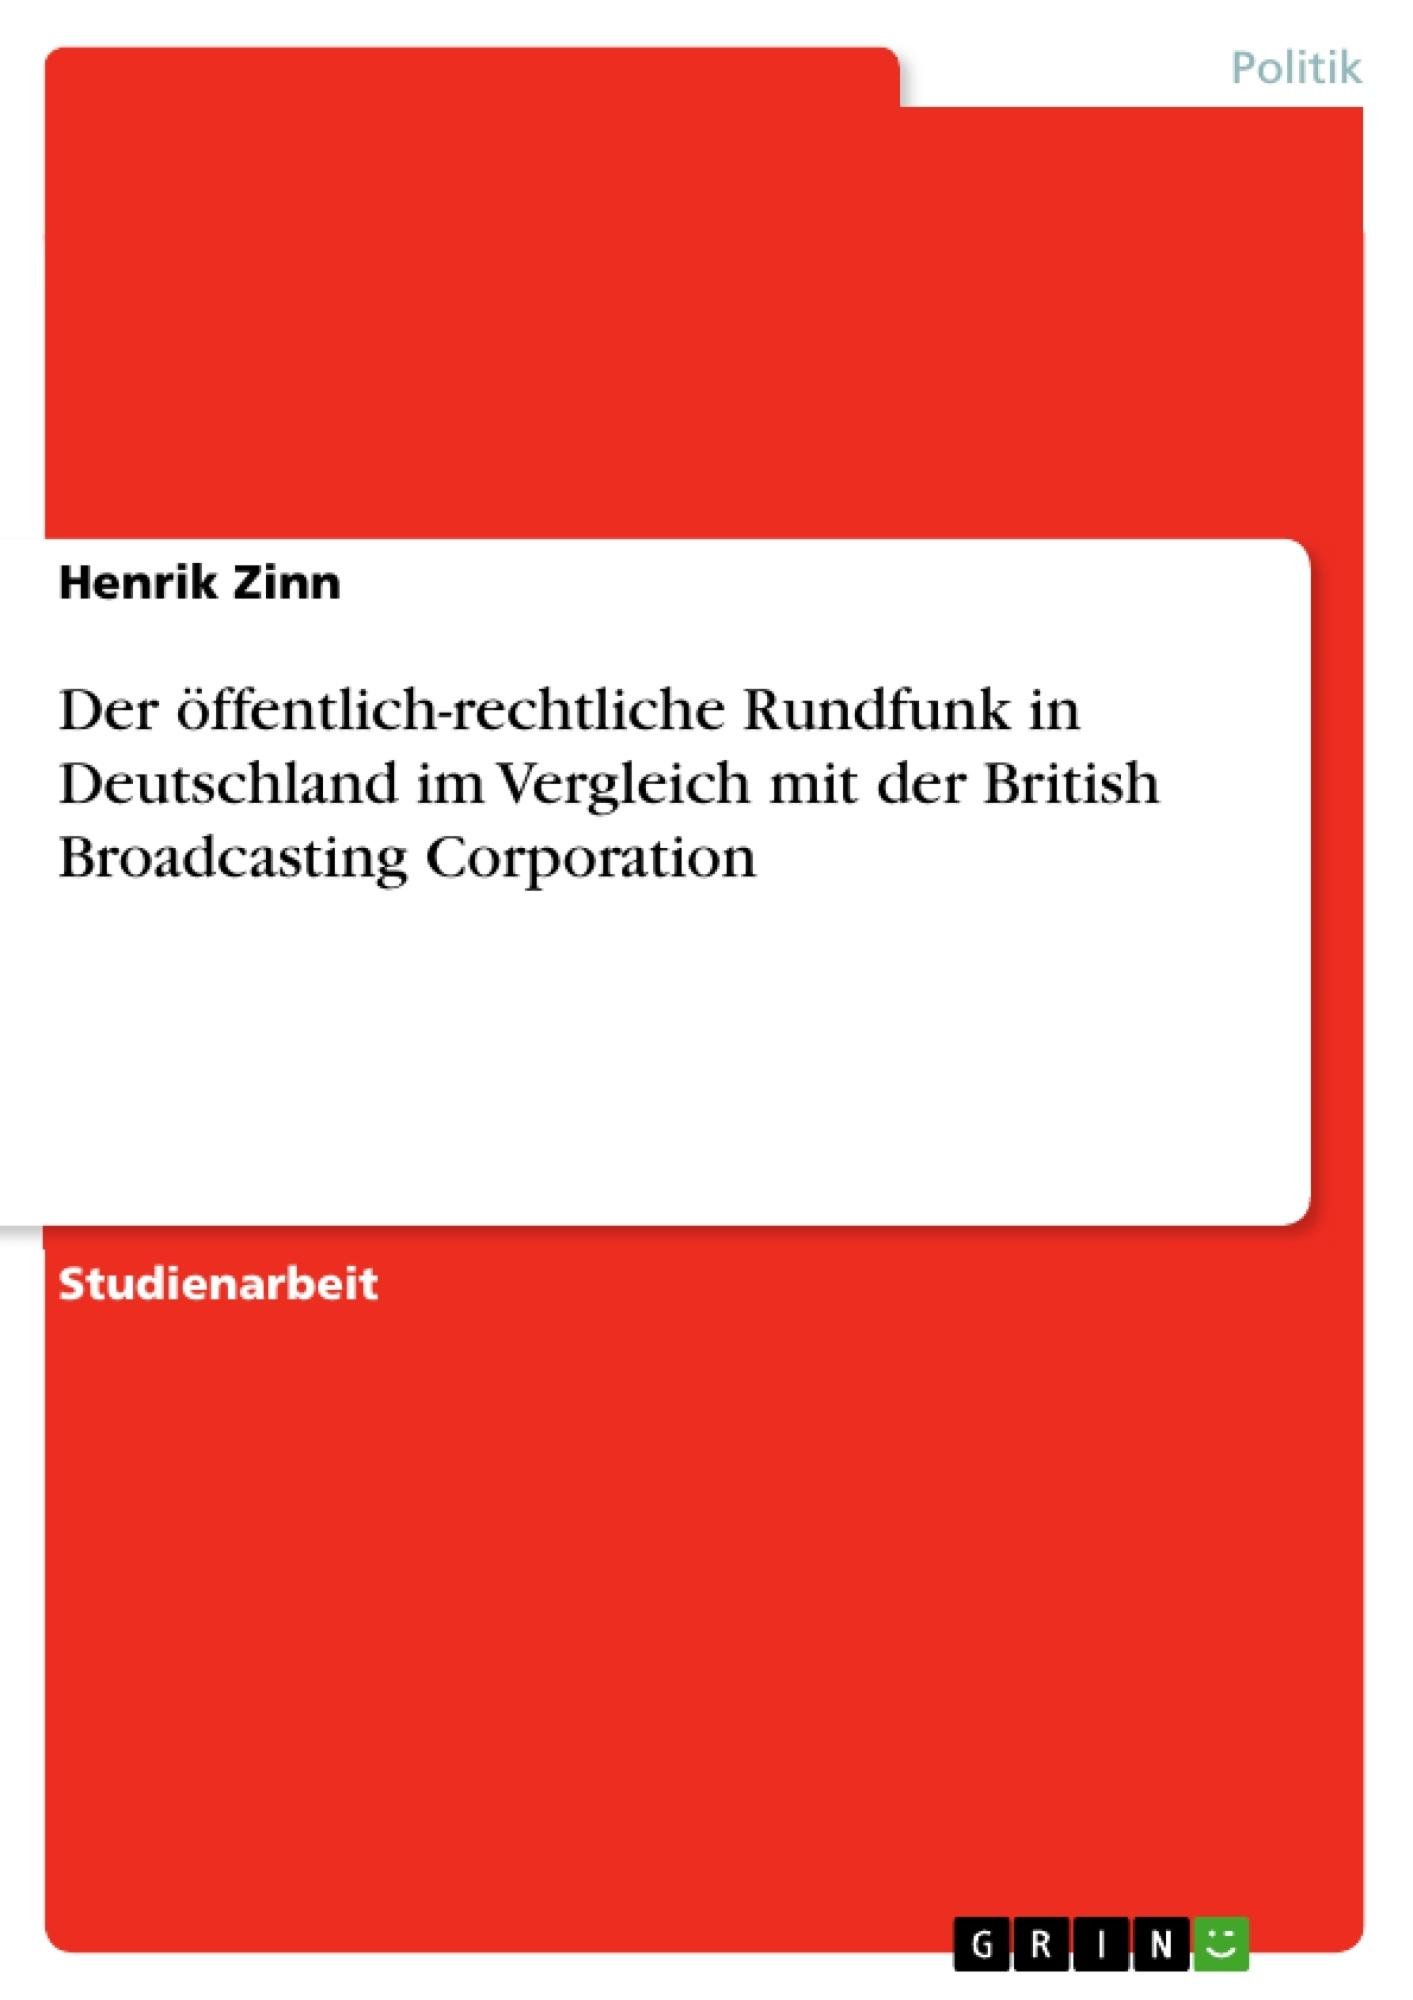 Titel: Der öffentlich-rechtliche Rundfunk in Deutschland im Vergleich mit der British Broadcasting Corporation